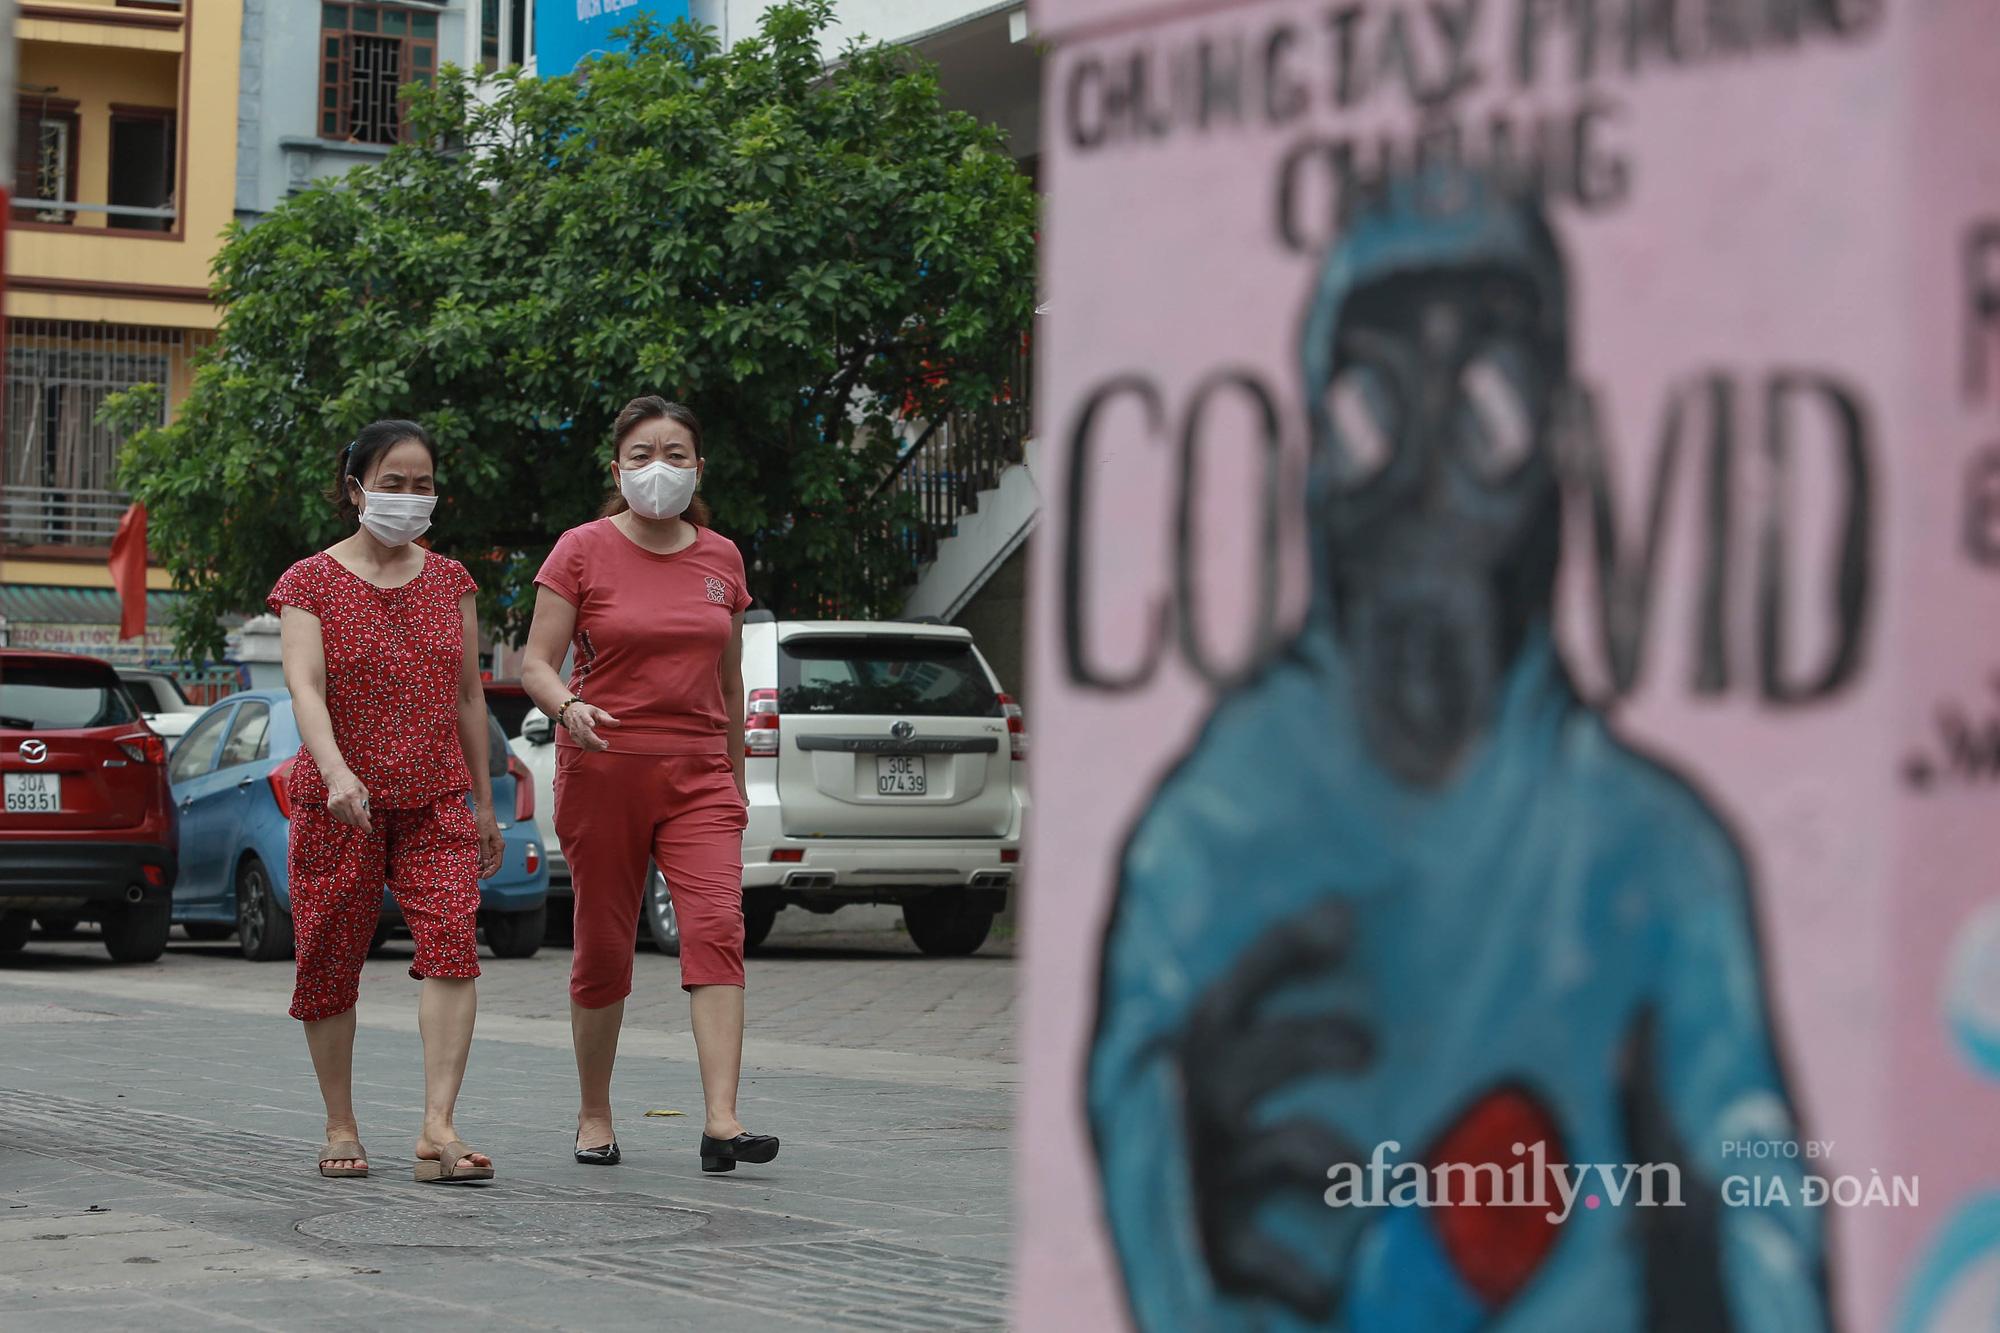 Hà Nội: Khi bốt điện biến thành những bức tranh cổ động đội ngũ y, bác sĩ chống dịch - Ảnh 6.